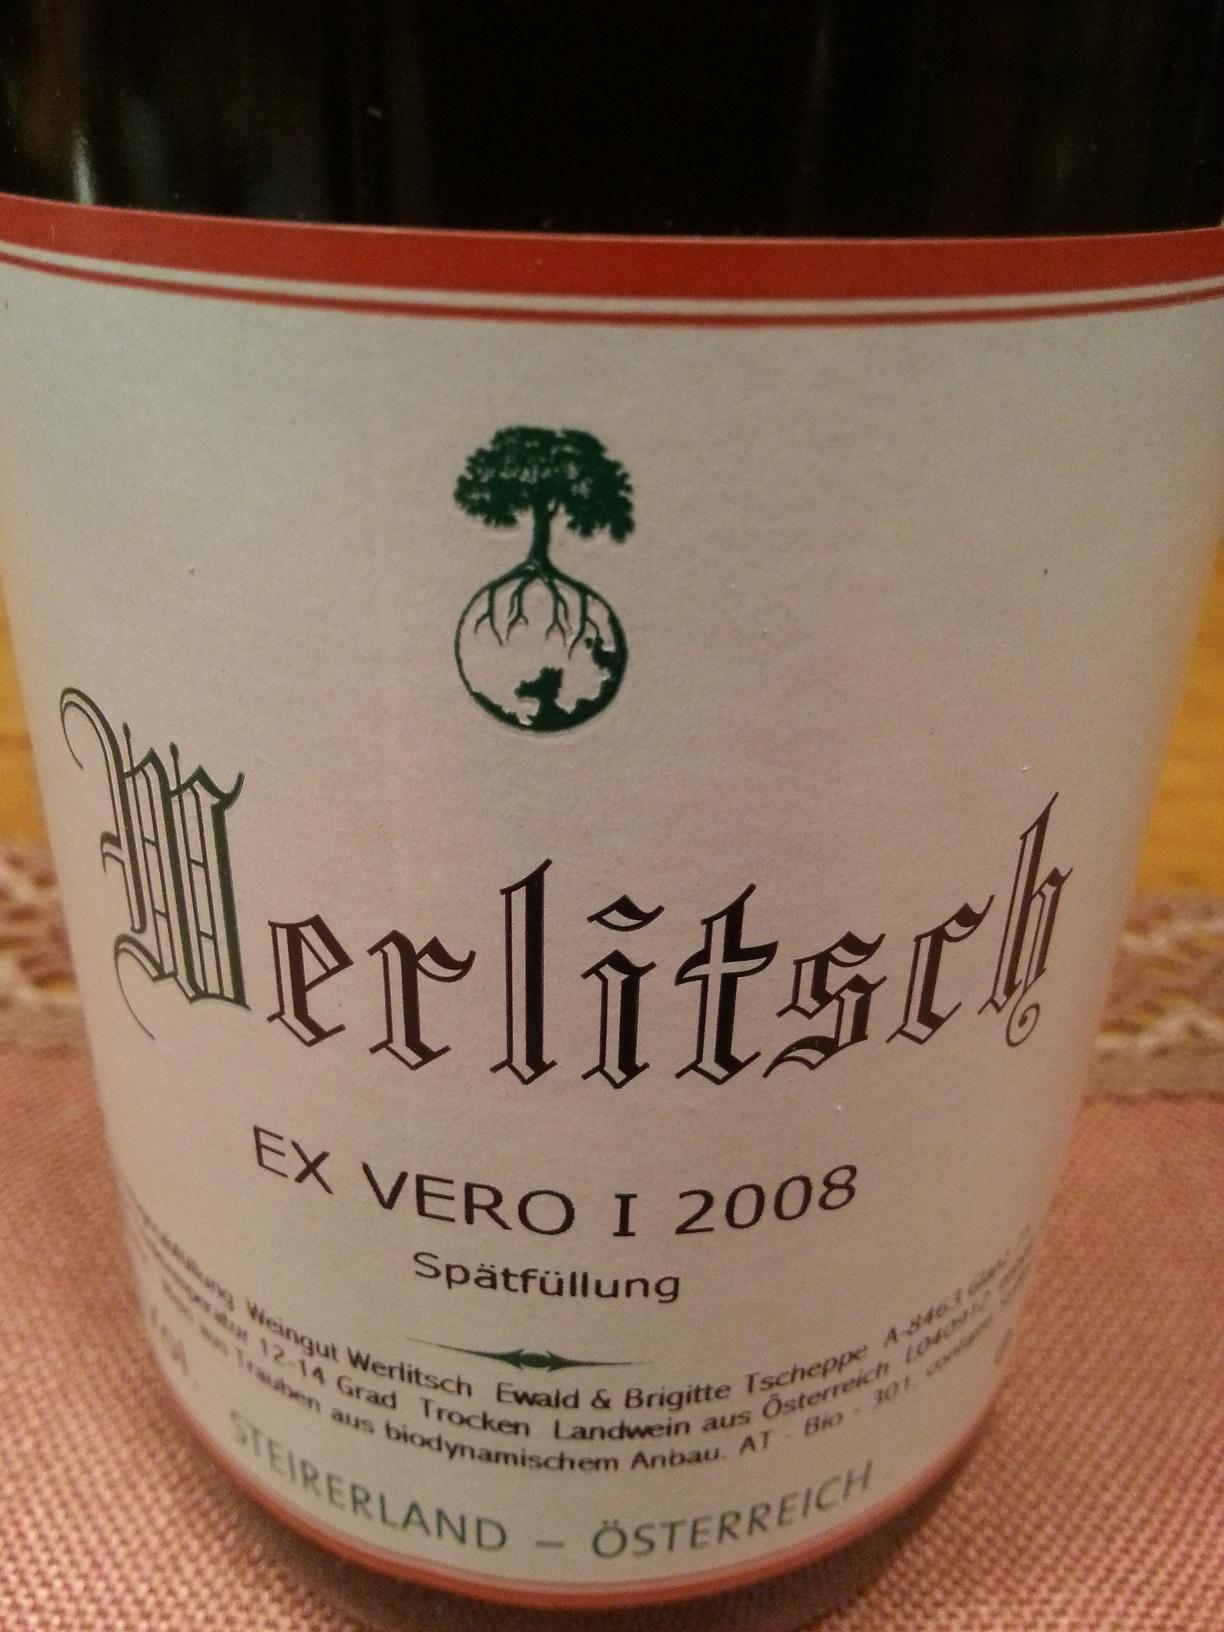 2008 Ex Vero I Spätfüllung | Werlitsch